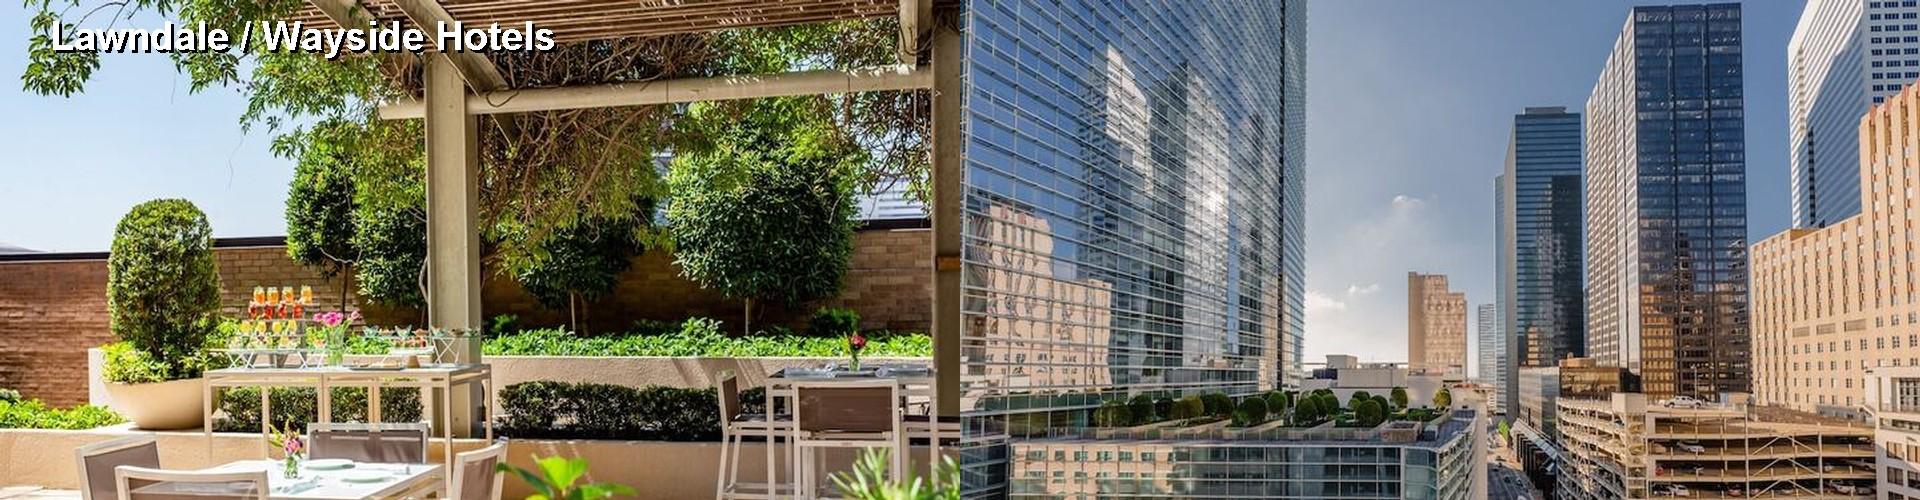 $43+ Hotels Near Lawndale / Wayside in Houston (TX)